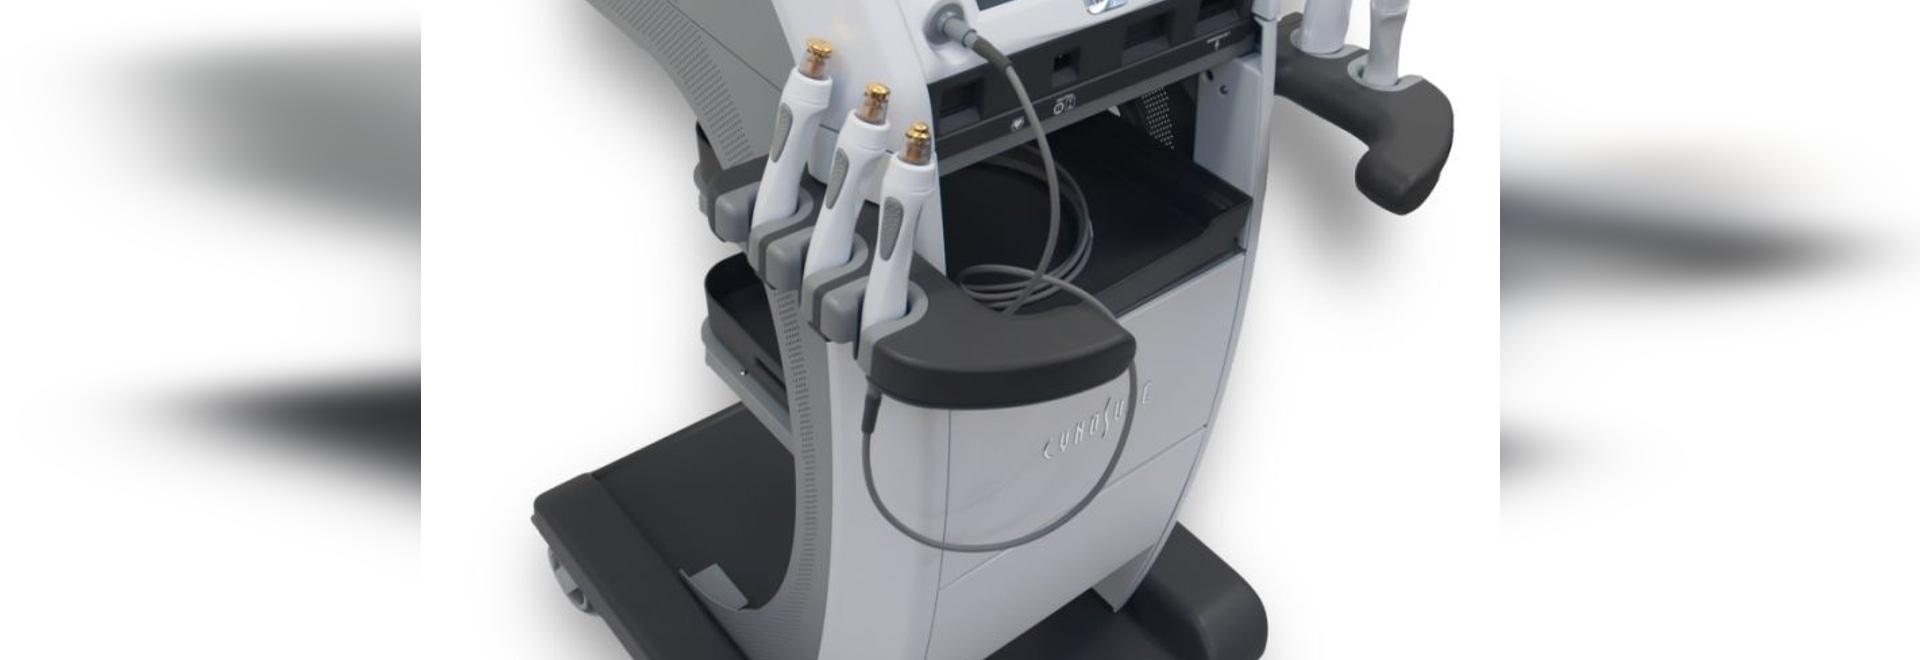 Plate-forme de Cynosure TempSure rf maintenant disponible pour des procédures esthétiques en chirurgie plastique, dermatologie, gynécologie